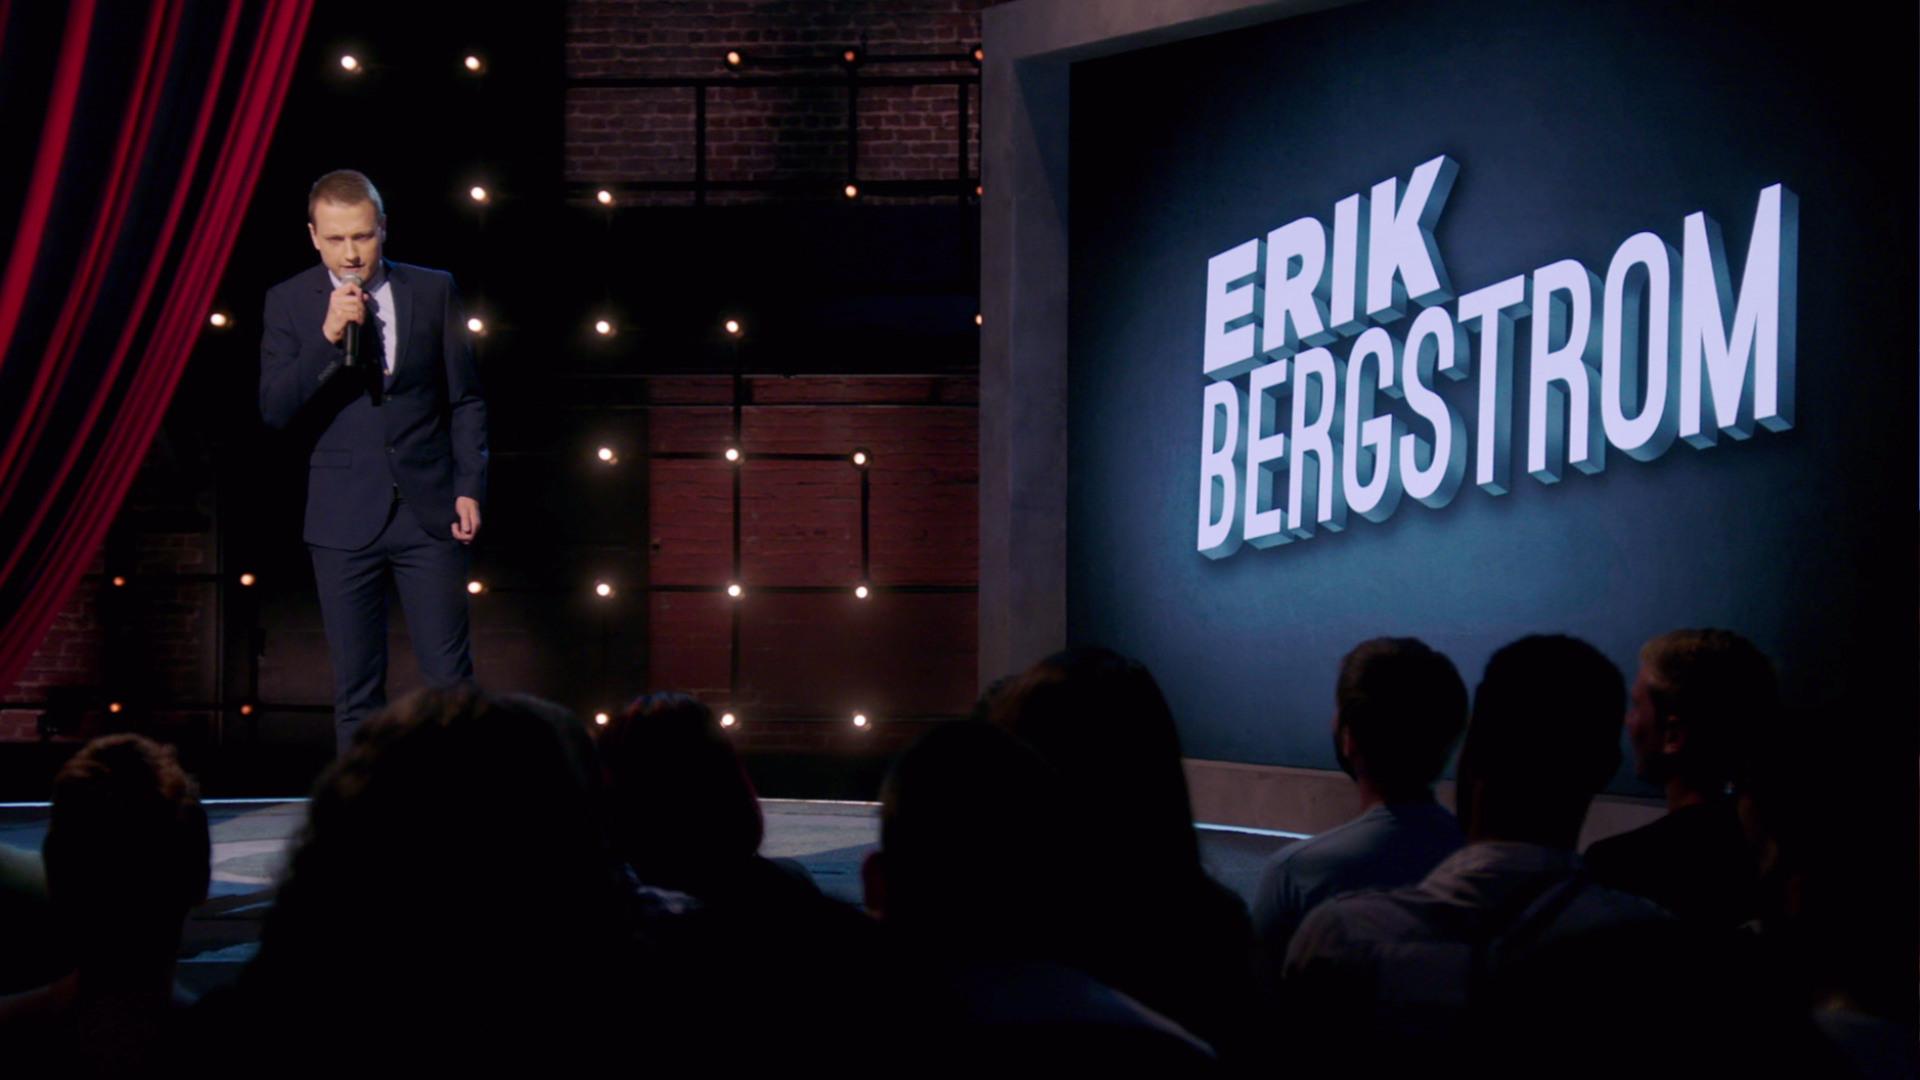 Erik Bergstrom